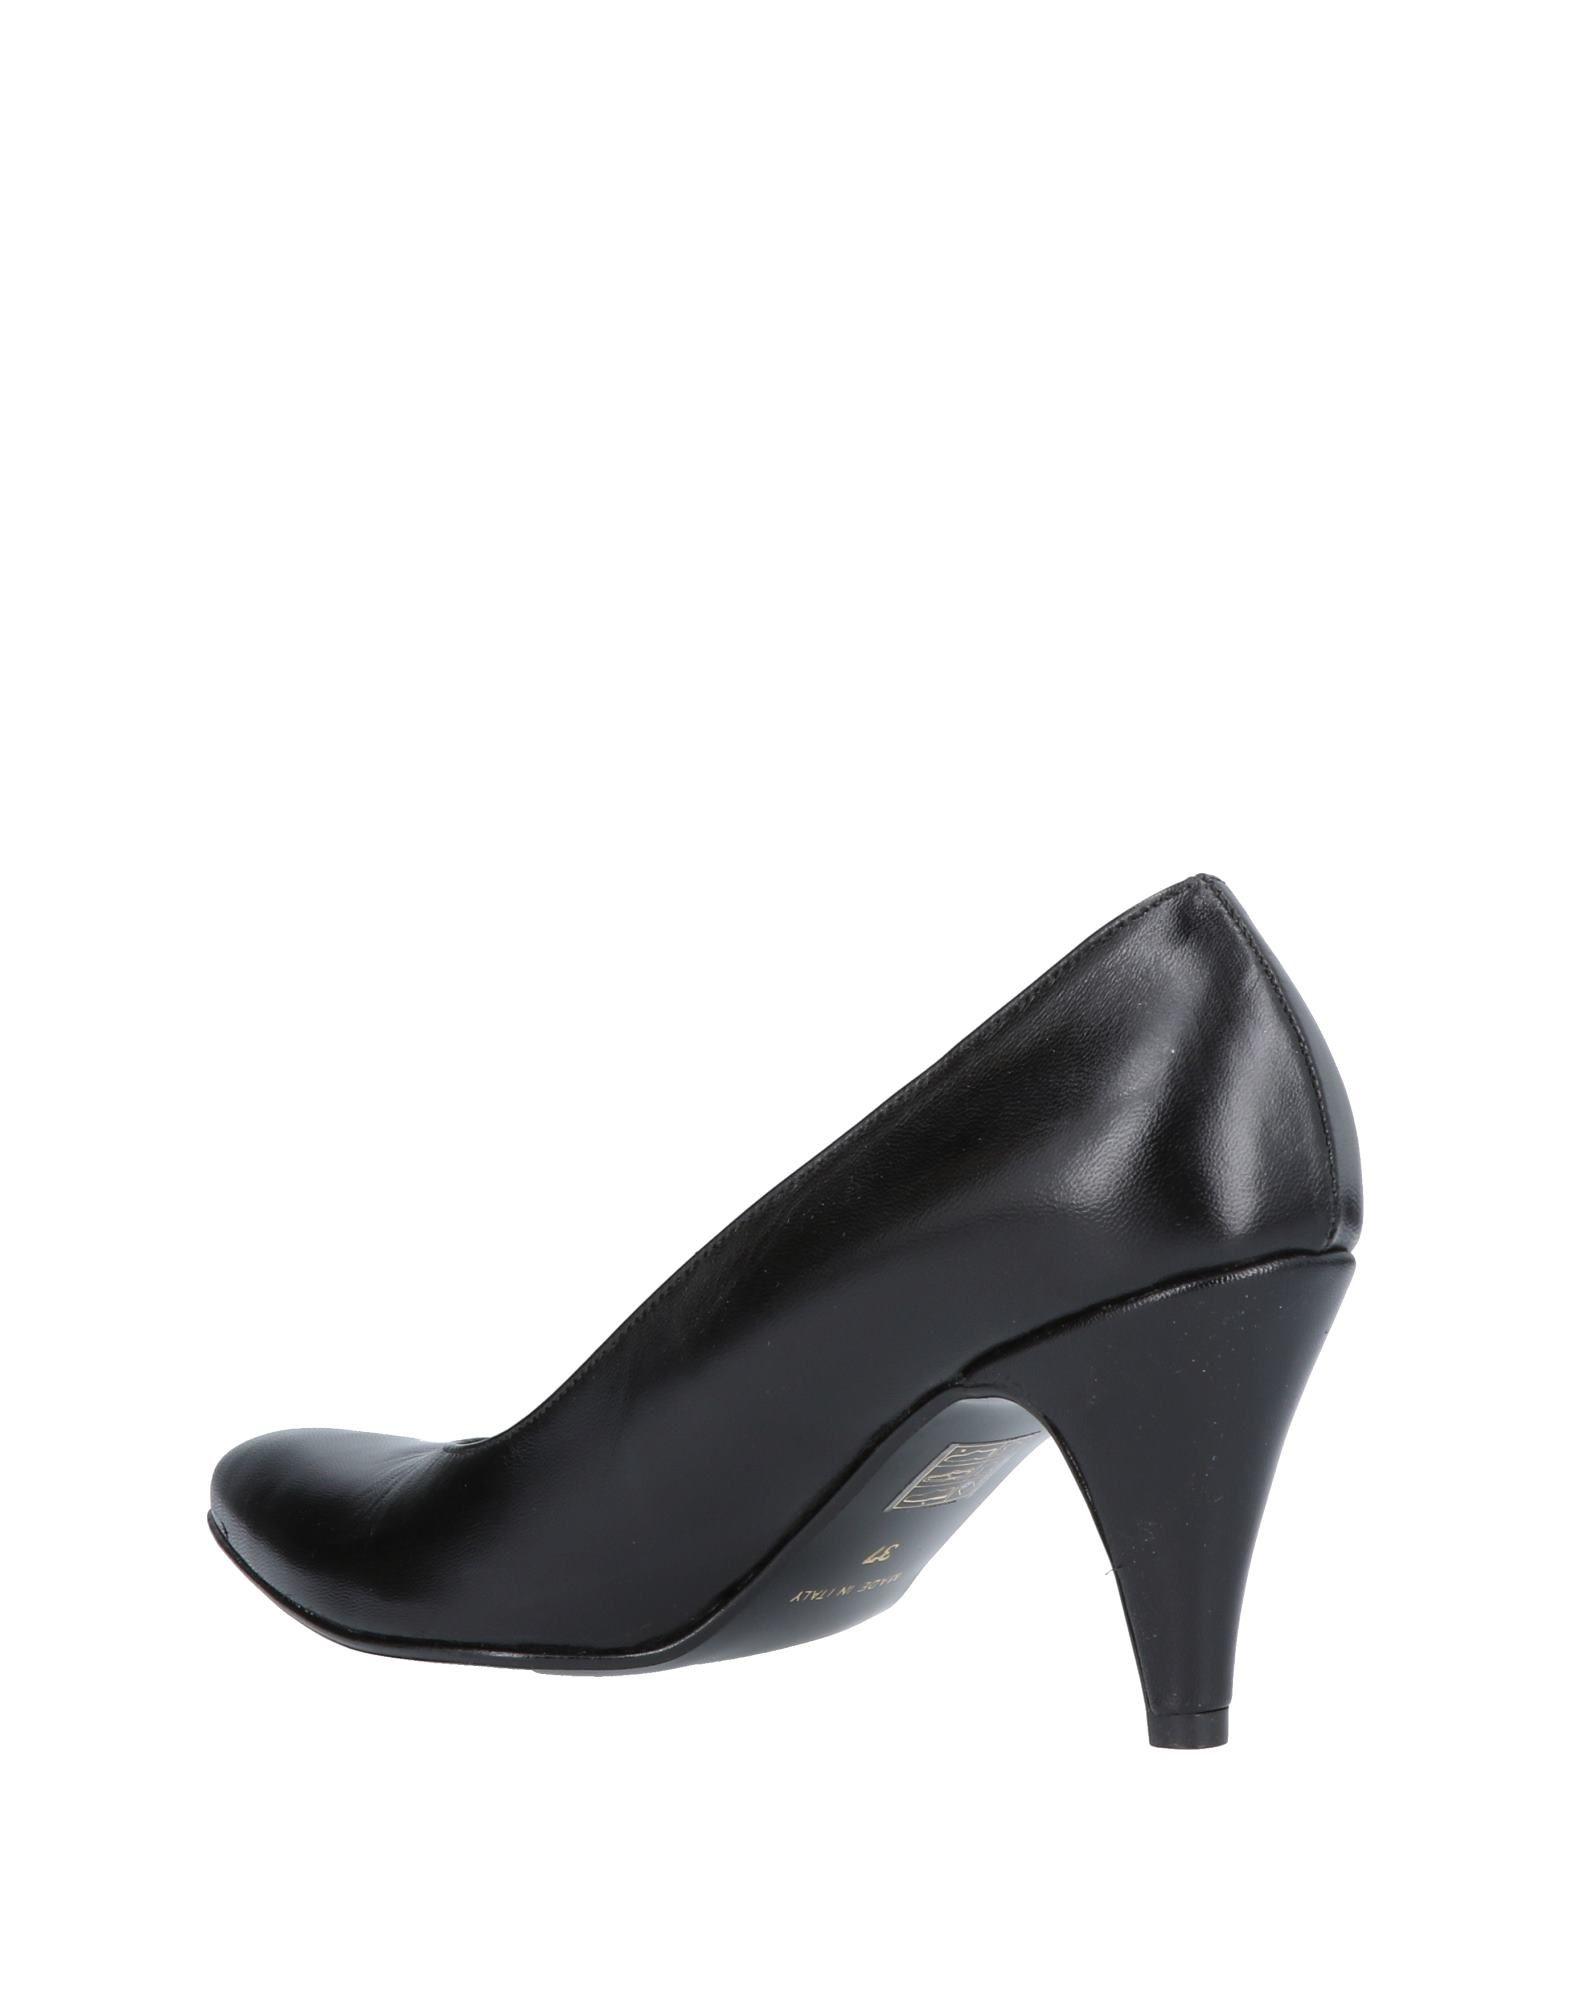 Oroscuro Gute Pumps Damen  11455368JU Gute Oroscuro Qualität beliebte Schuhe 4b3c09